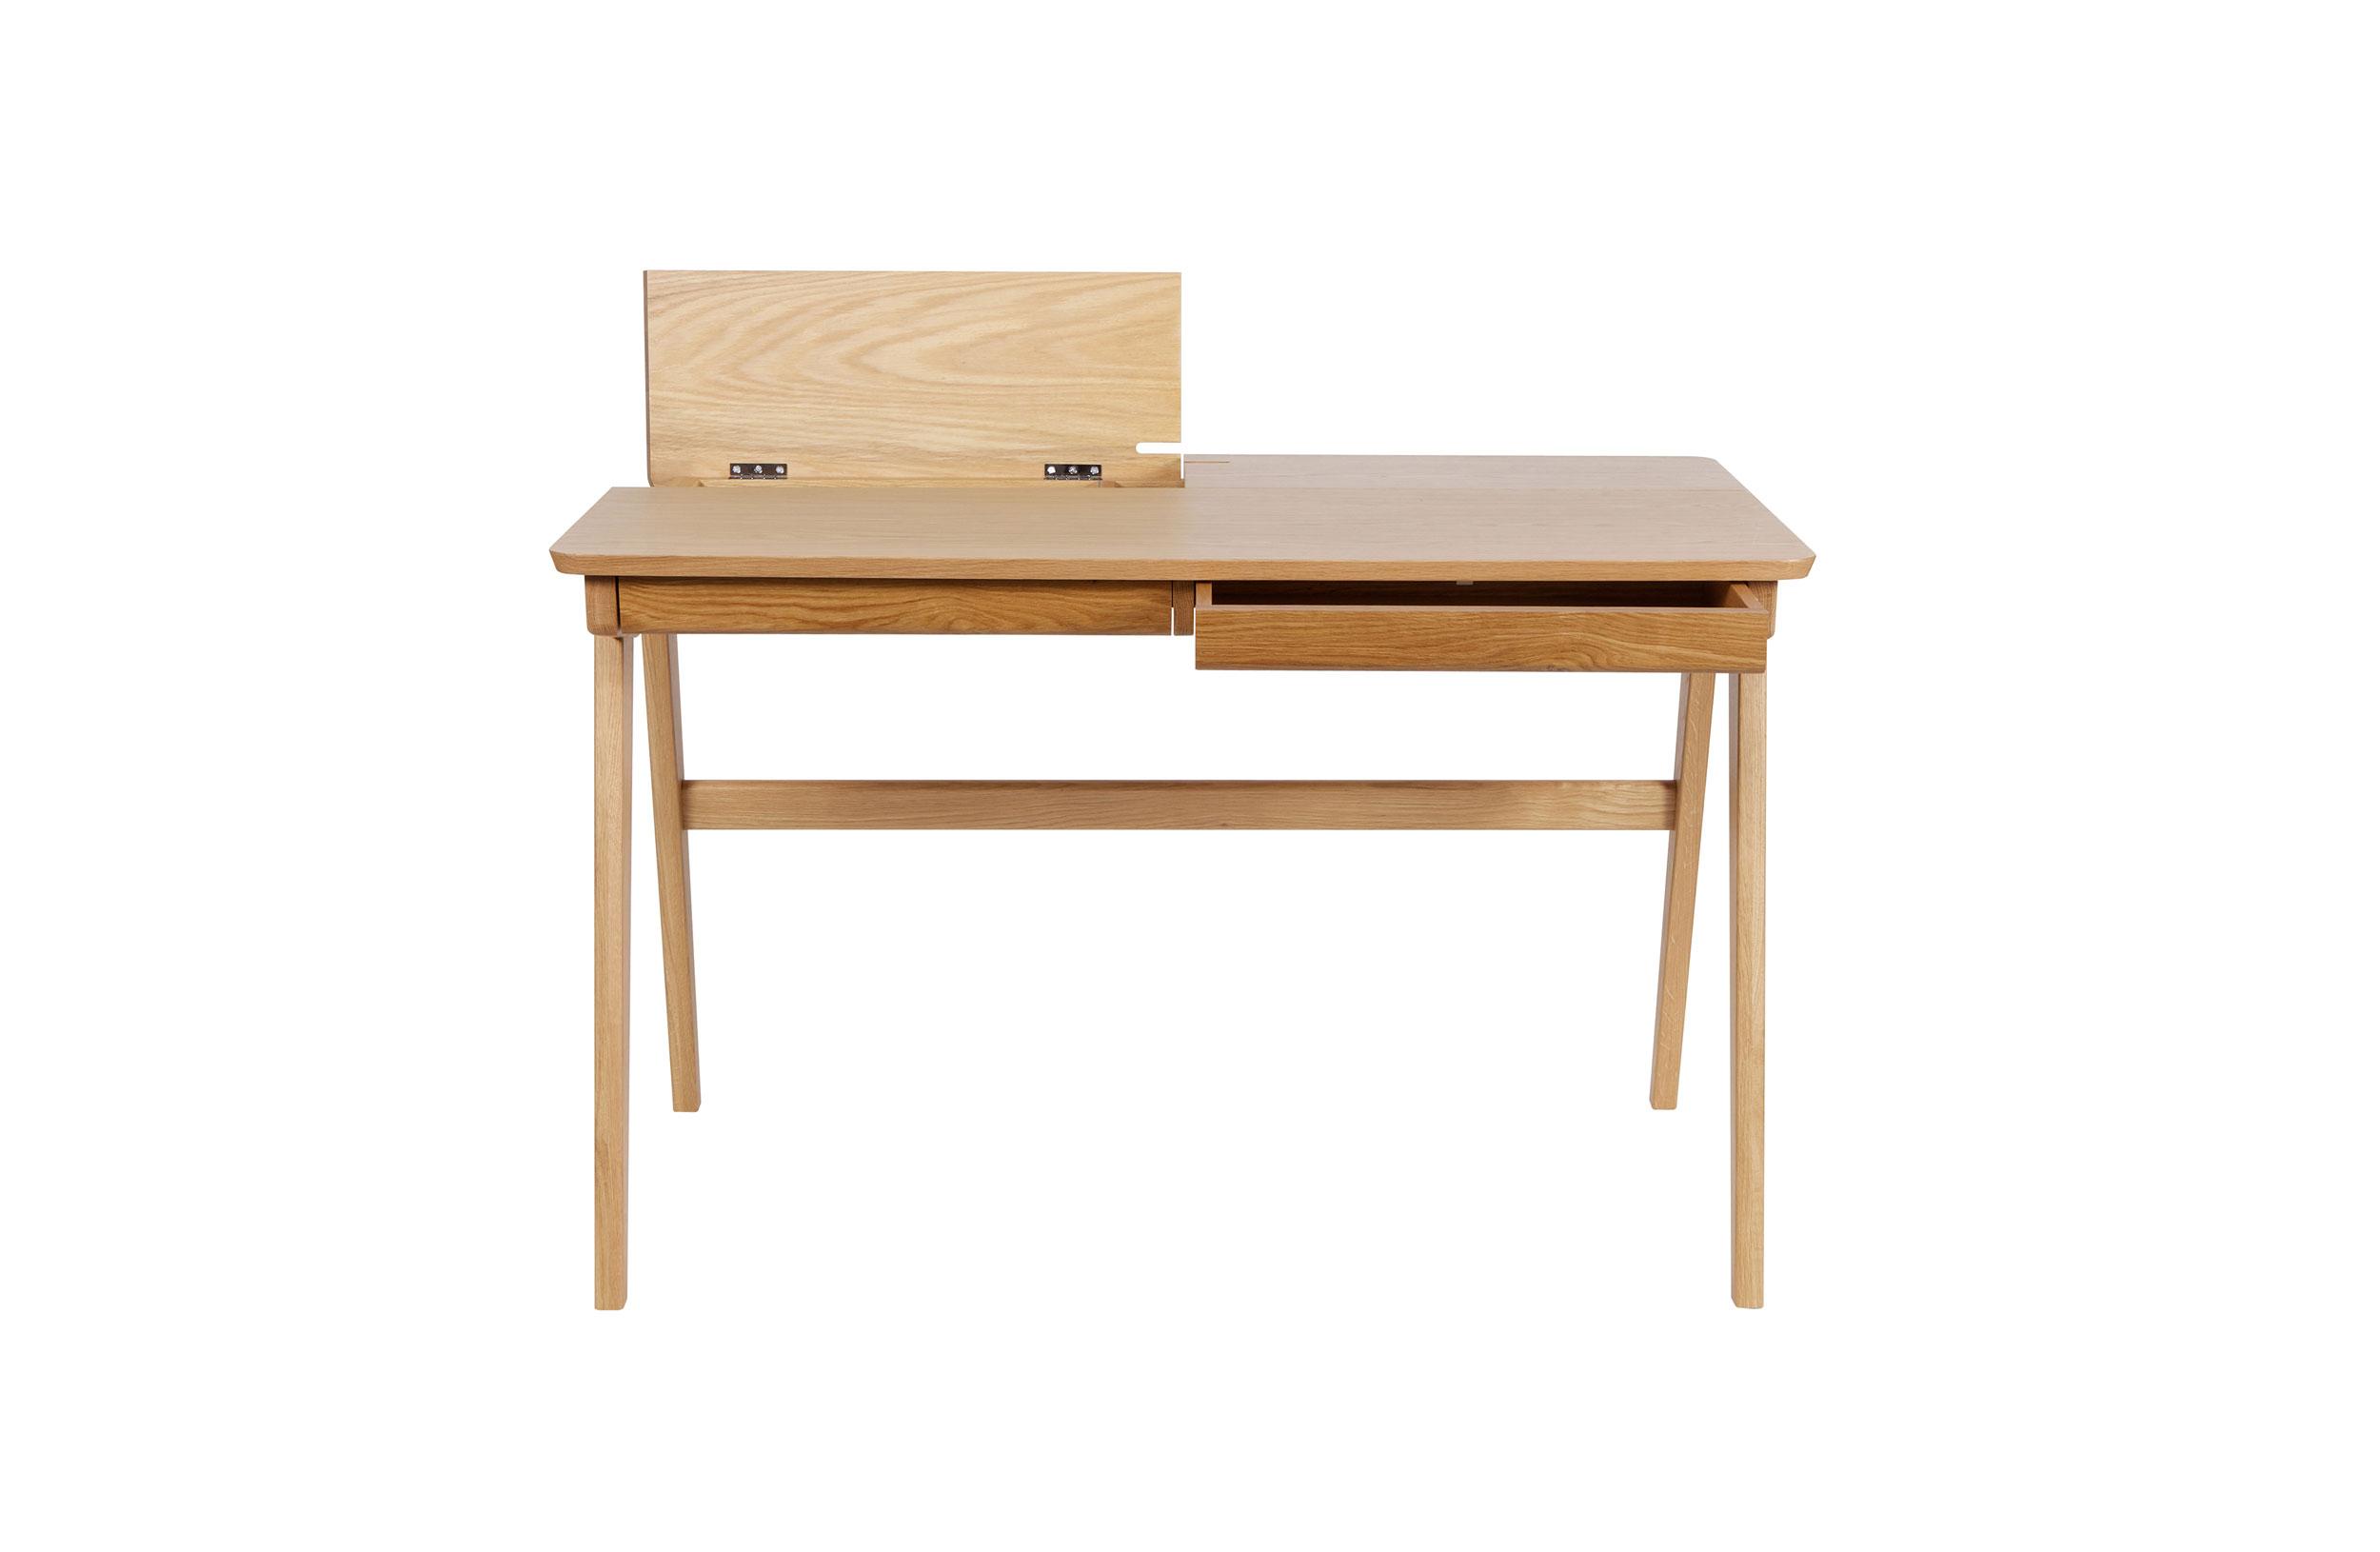 Письменный стол Oxford DeskПисьменные столы<br>&amp;lt;div&amp;gt;Oxford Desk – отличный вариант для обустройства простого и уютного интерьера. Такой письменный стол незаменим в комнате подростка. Лаконичный дизайн и нейтральный древесный оттенок позволяют сочетать модель практически с любой мебелью. Классическая форма и прямые линии делают этот предмет образцом пропорциональности. Функциональная столешница дополнена двумя компактными ящиками и отсеками с откидывающимися &amp;quot;створками&amp;quot;.&amp;amp;nbsp;&amp;lt;br&amp;gt;&amp;lt;/div&amp;gt;&amp;amp;nbsp;&amp;lt;div&amp;gt;Материал: неокрашенное дерево.&amp;amp;nbsp;&amp;lt;div&amp;gt;Размеры: 120х76х70см&amp;lt;/div&amp;gt;&amp;lt;/div&amp;gt;<br><br>Material: Дерево<br>Ширина см: 70<br>Высота см: 76